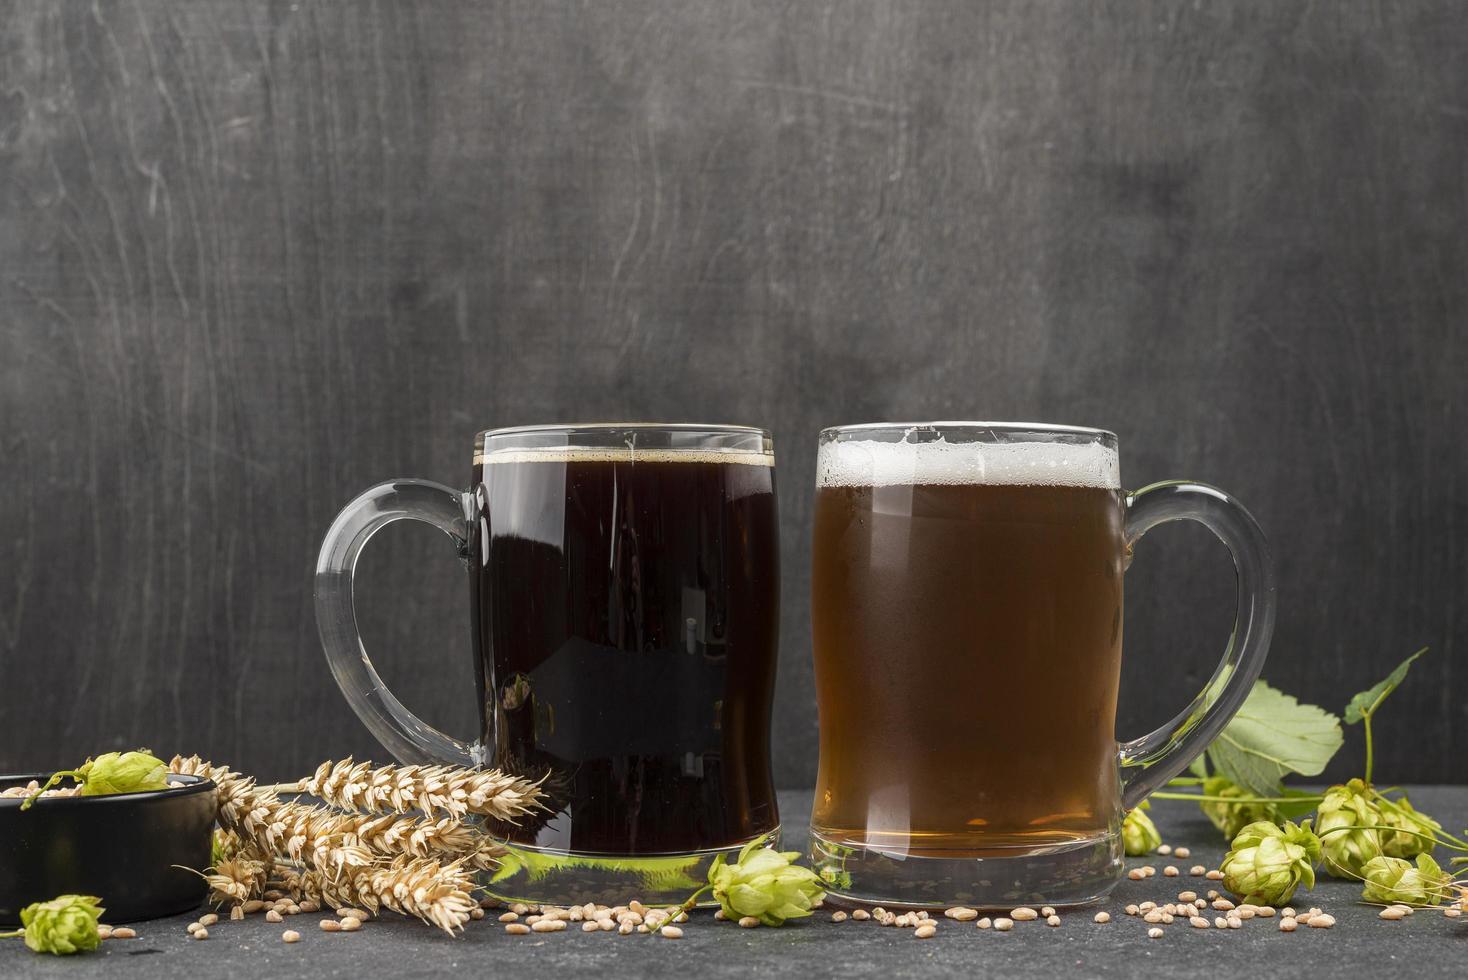 jarras de cerveza foto